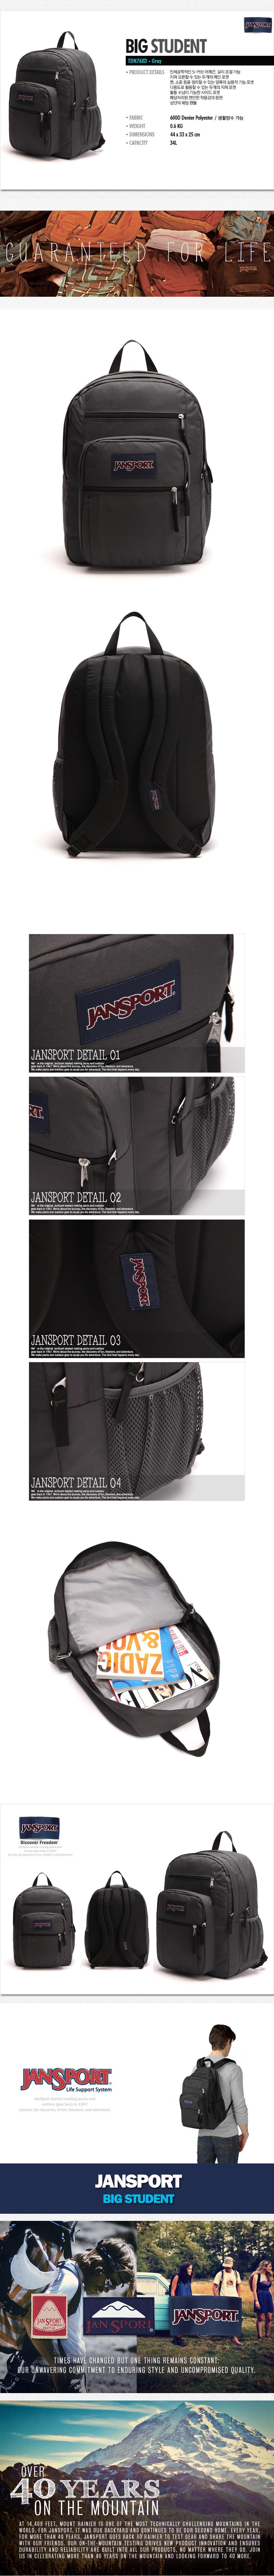 [잔스포츠]JANSPORT - 빅스튜던트 (TDN76XD - Gray) 잔스포츠코리아 정품 AS가능